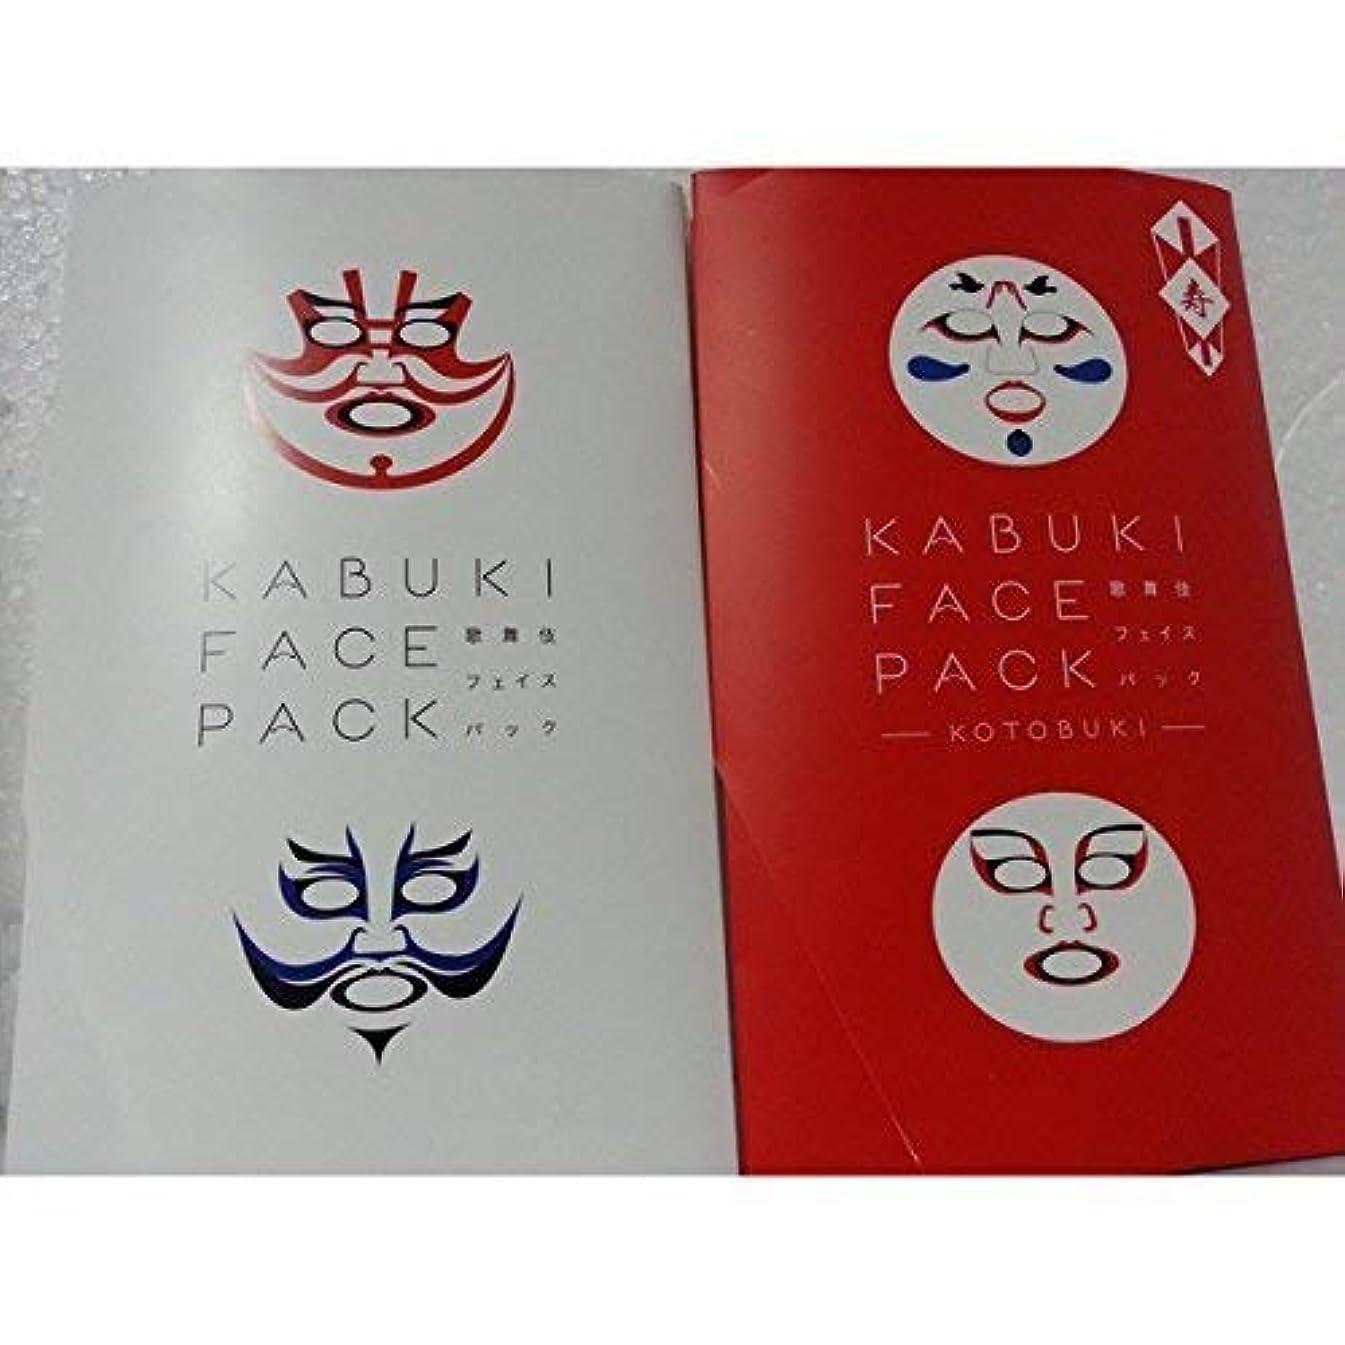 剥離北東マキシム歌舞伎フェイスパック&歌舞伎フェイスパック寿 KABUKI FACE PACK&KABUKI FACE PACK KOTOBUKI